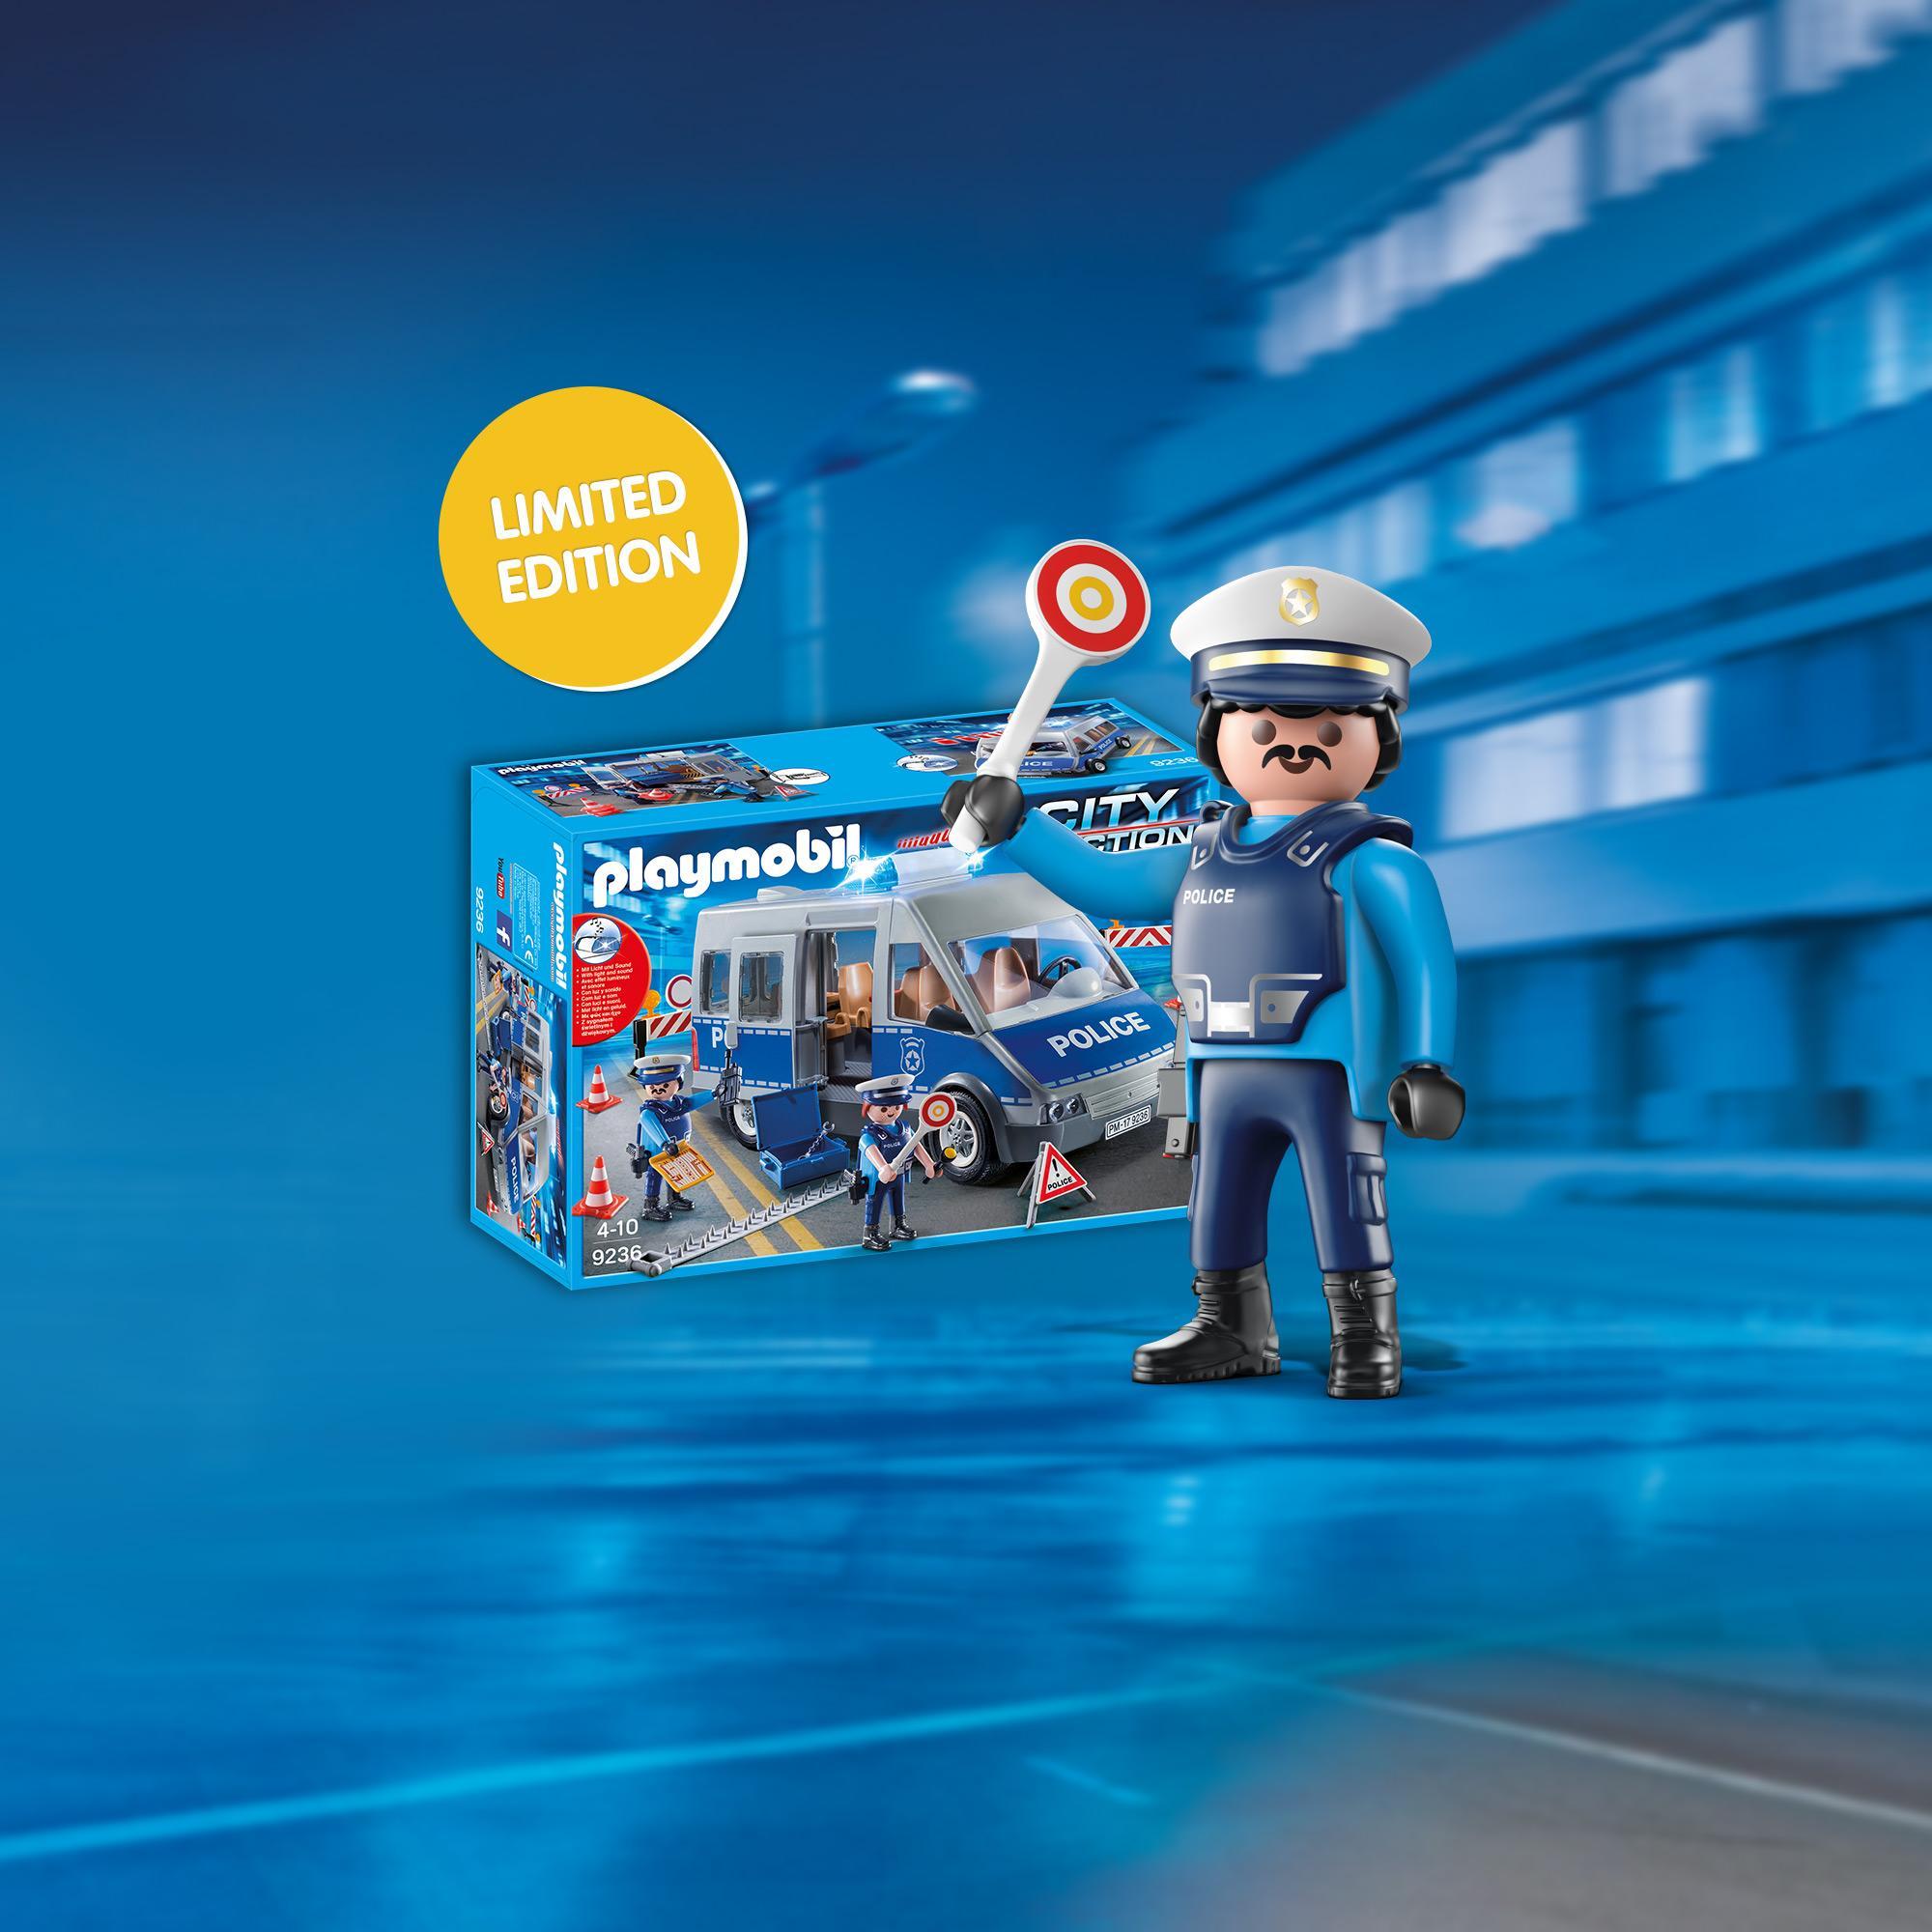 Playmobil discount coupons